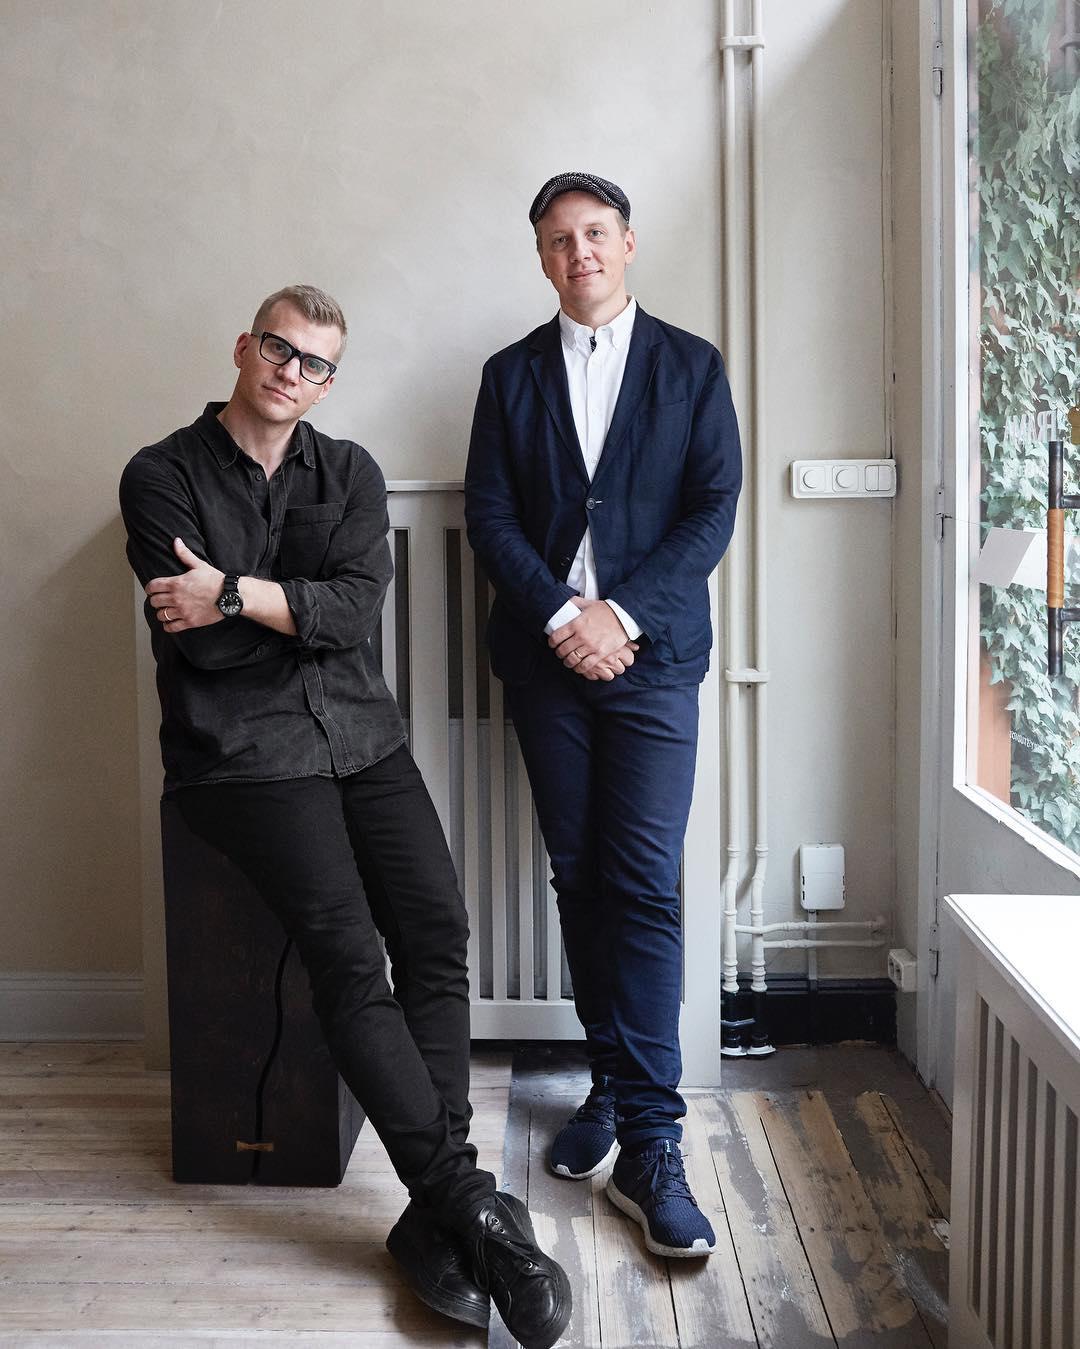 開発者は、スウェーデン出身のパー・ブリックスタッド氏とマーティン・ウィラーズ氏。ガラスとスピーカーユニット2つだけ、美しい佇まいの「Bluetoothスピーカー」|TRANSPARENT SPEAKER(トランスペアレント スピーカー)